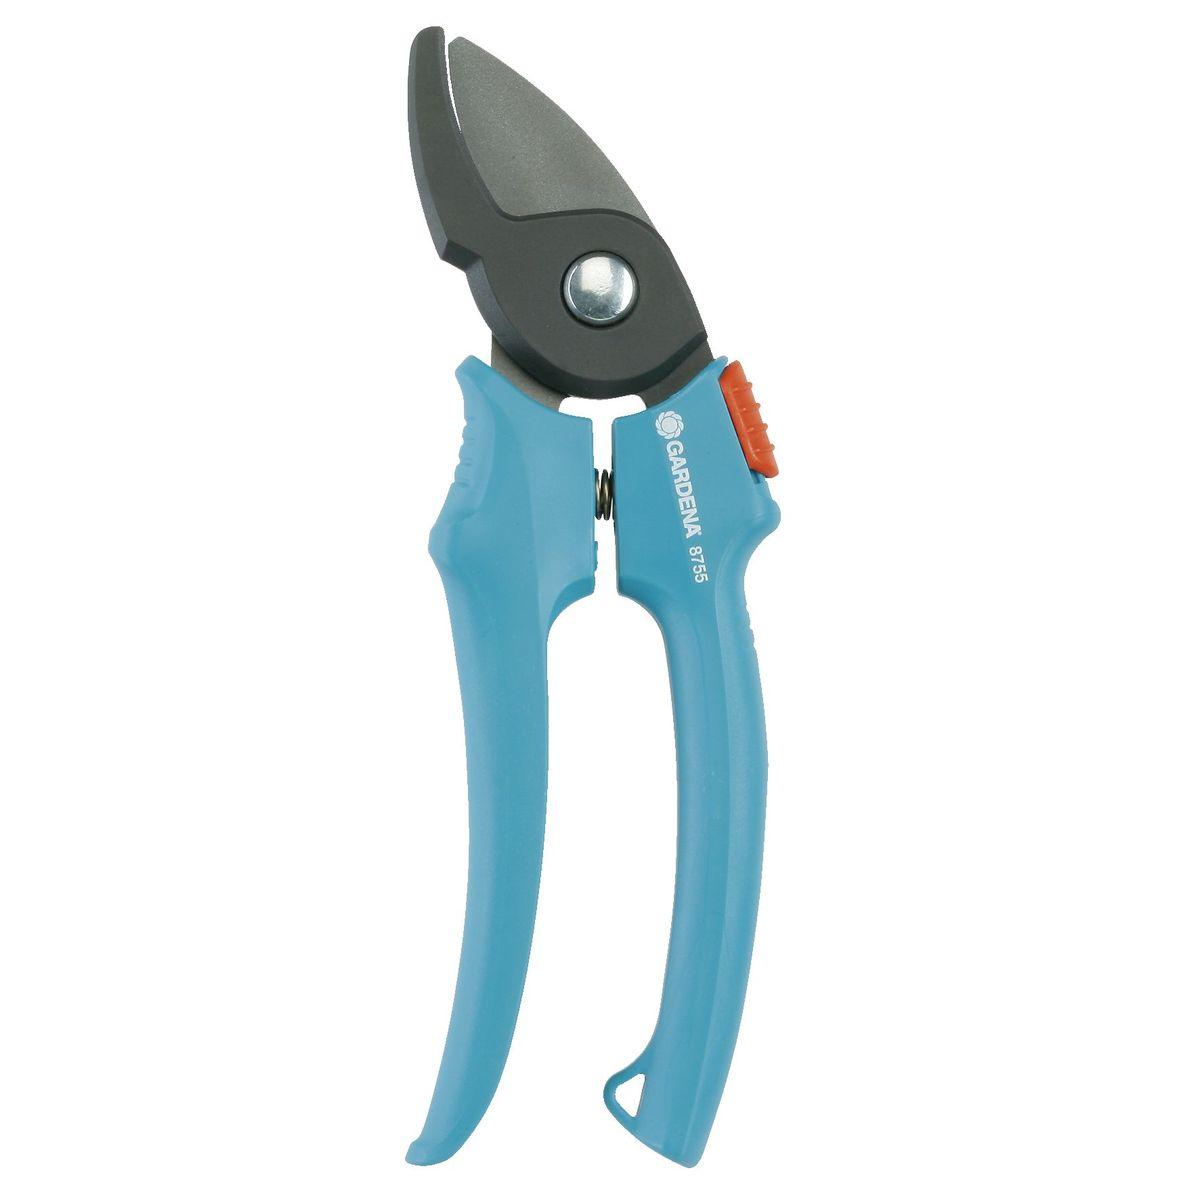 Секатор Classic с наковаленкой Gardena08855-20.000.00Классическая модель секатора с нако валенкой для обрезки старых, одревесневших веток и сучков. Режущая головка под углом, верхний нож с покрытием против налипания, прецизионная заточка. Ручки эргономичной формы с двумя рабочими позициями для более мощного обрезания.